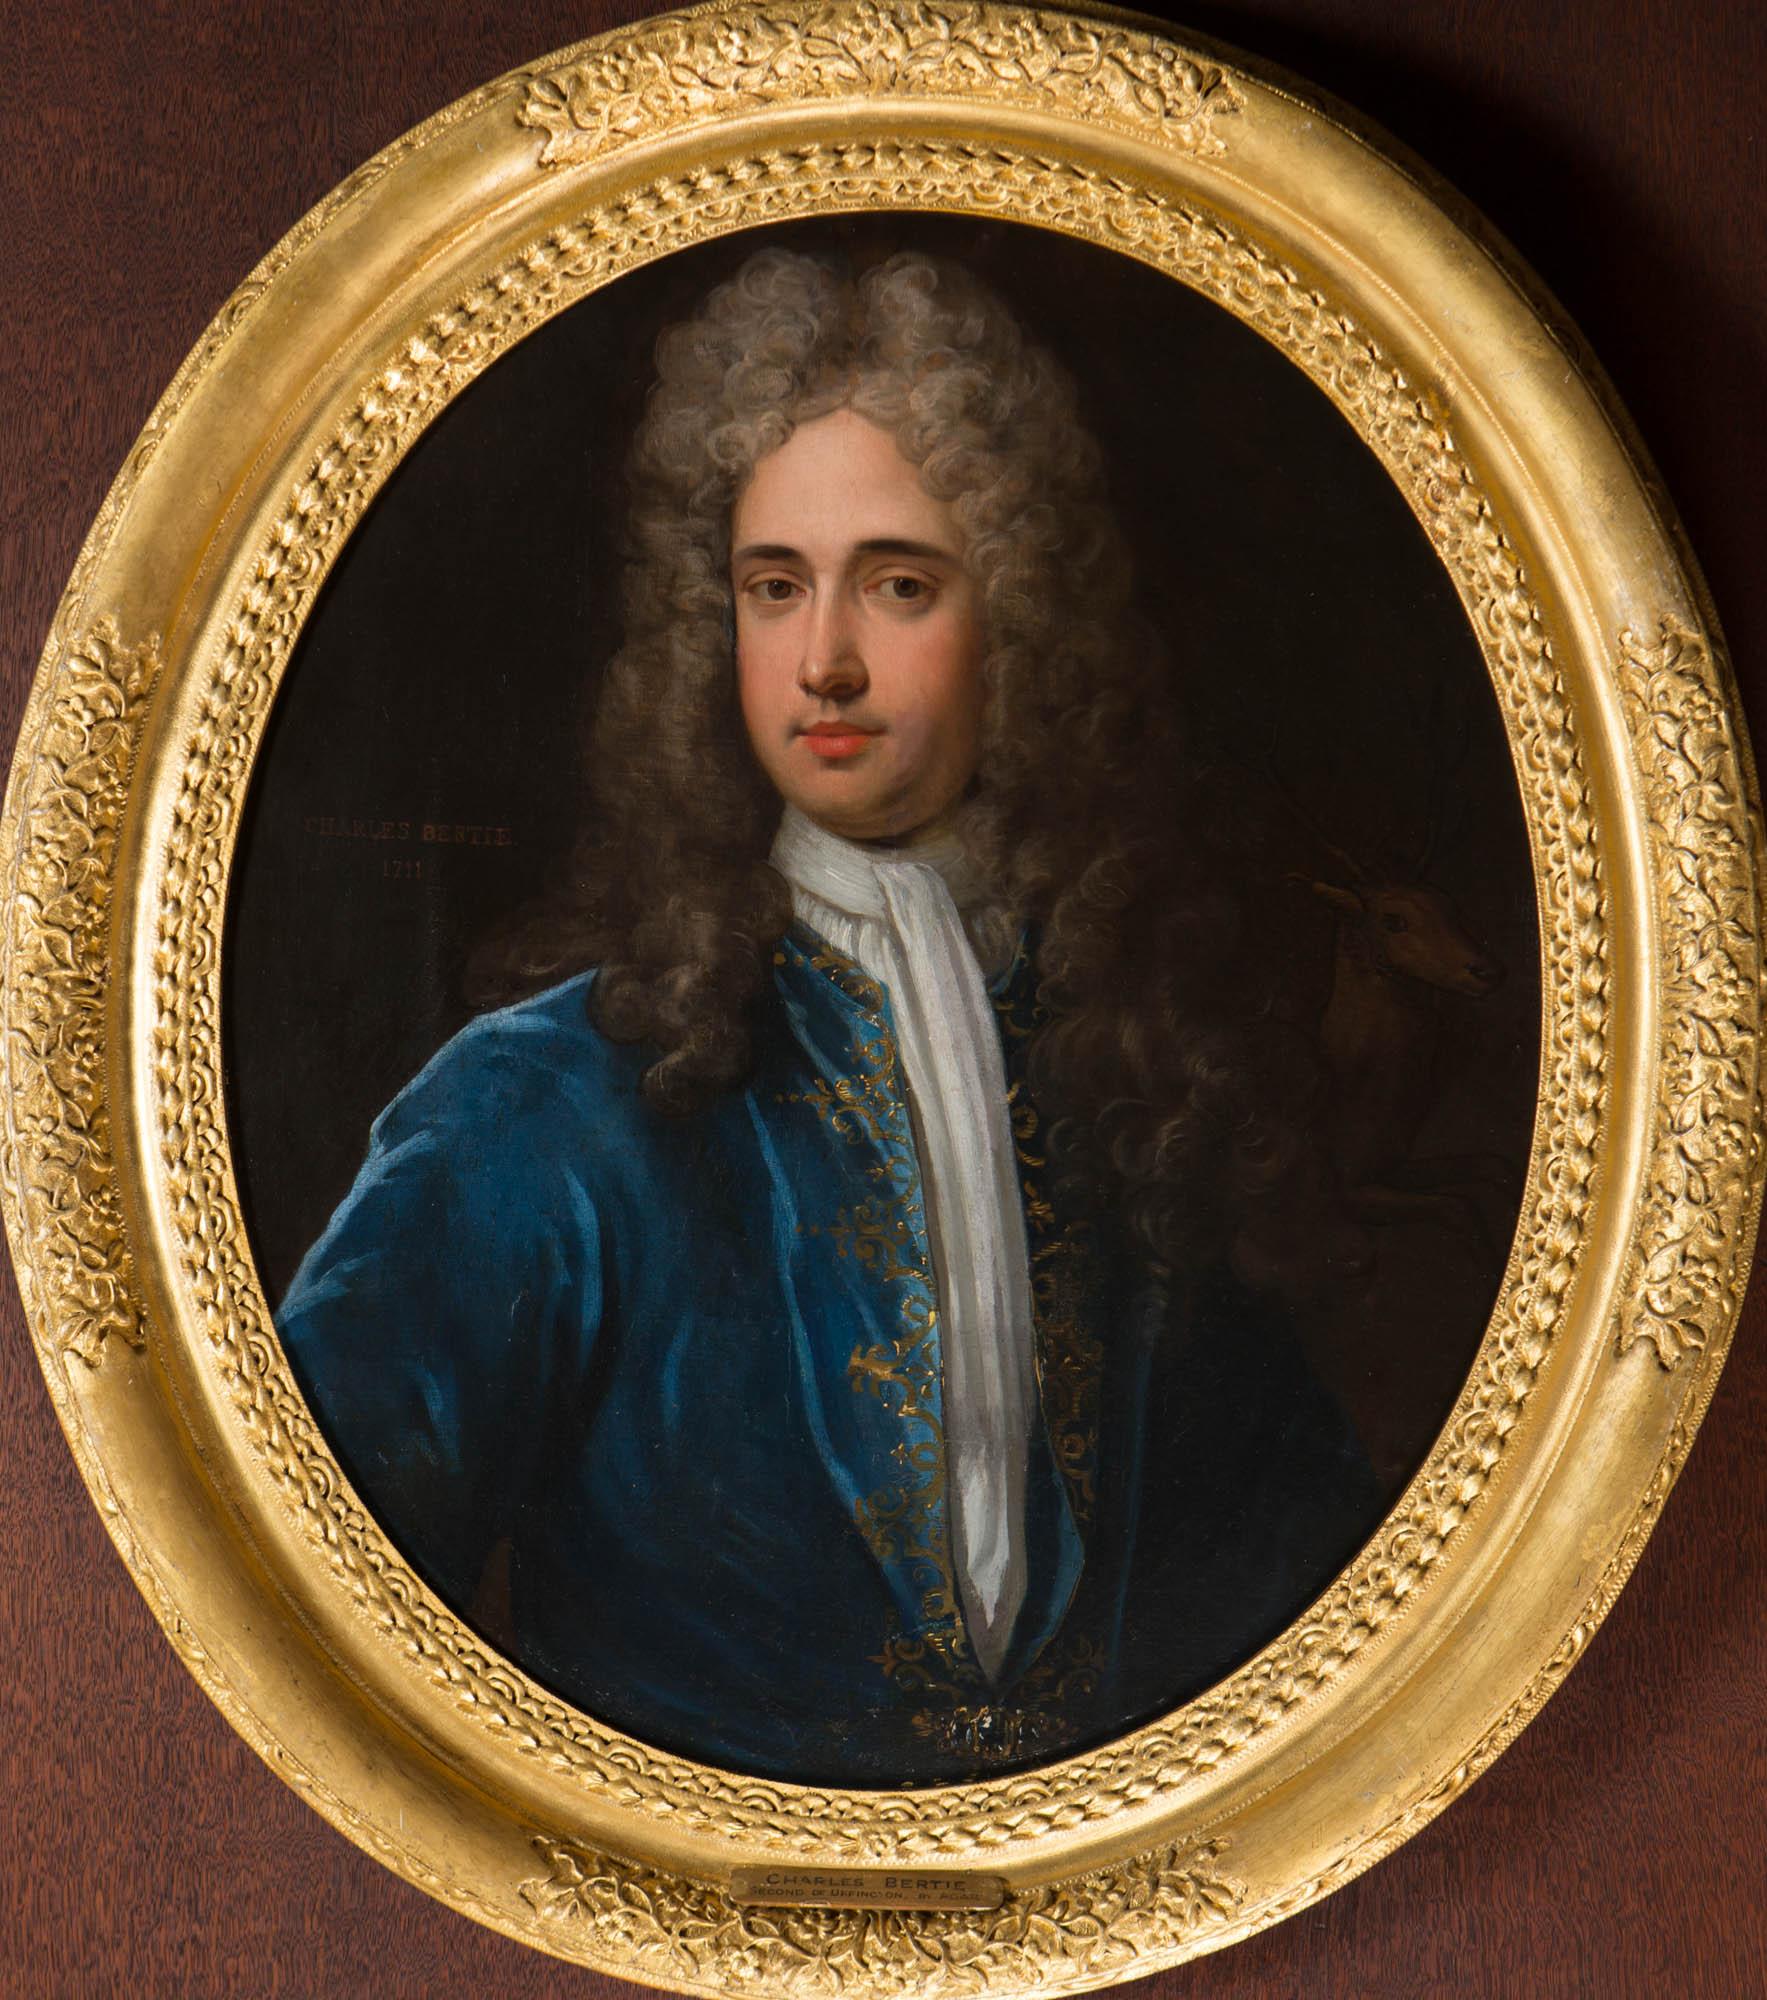 Portrait of Charles Bertie II (1674-1730), by Charles d'Agar (1669 – 1723).